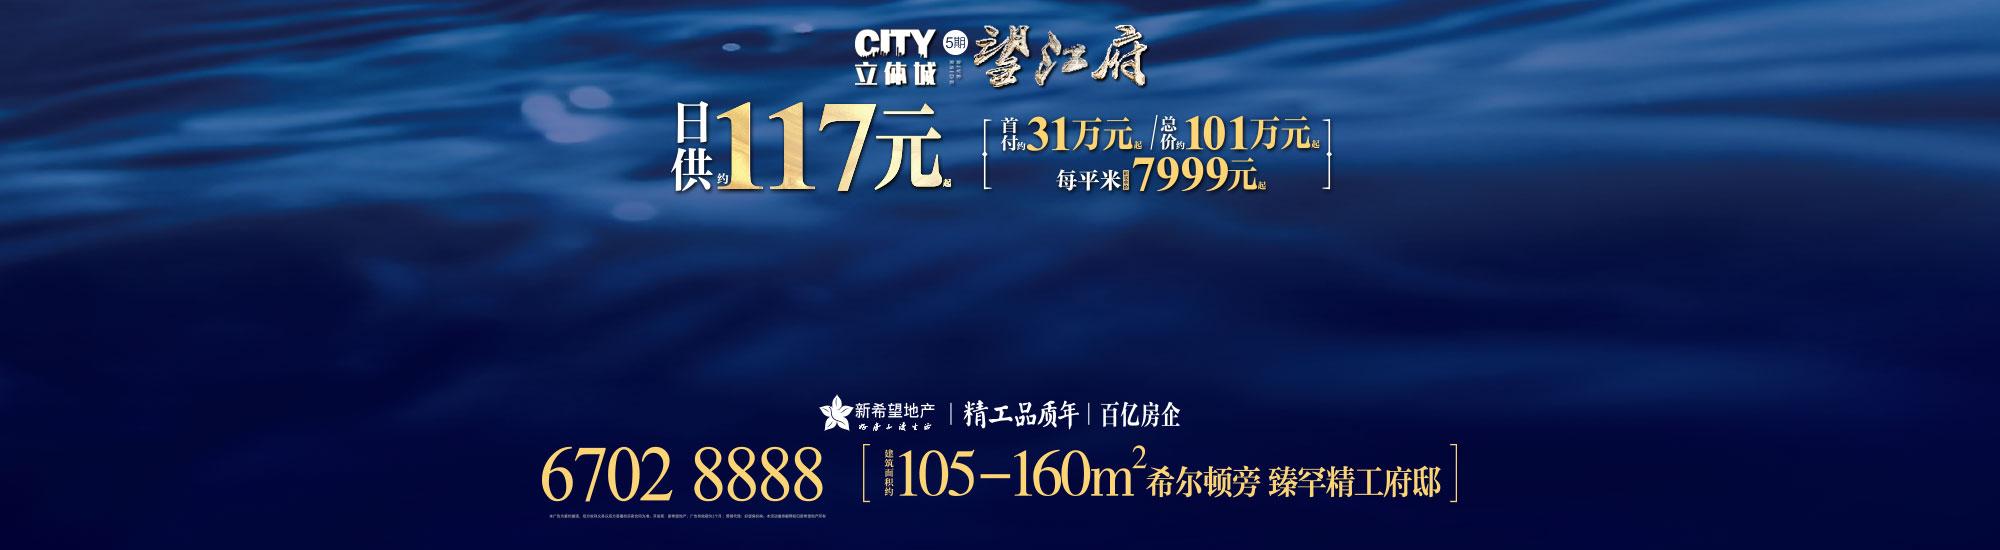 三江立体城